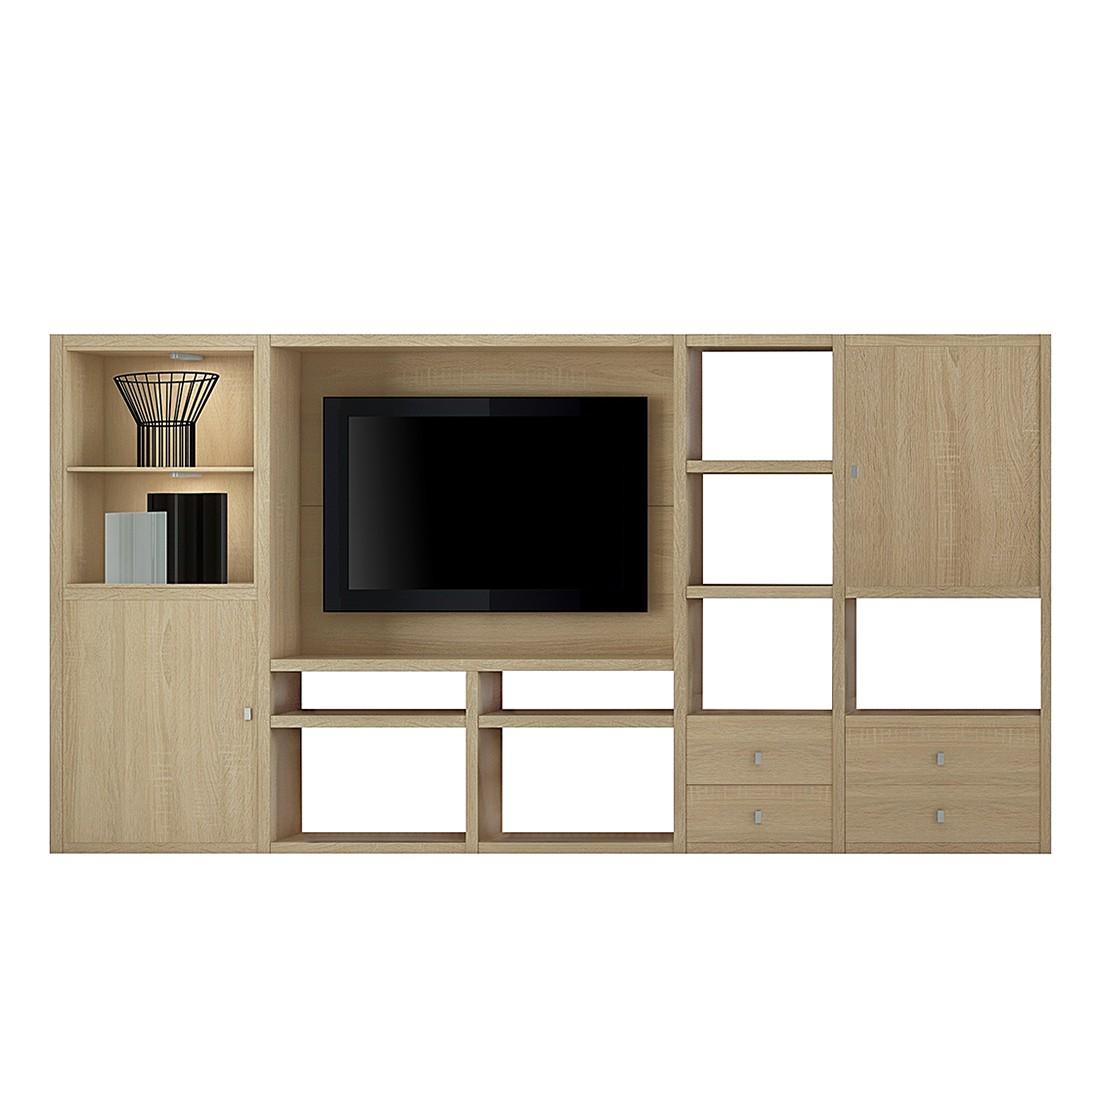 TV-Wand Emporior I | Wohnzimmer > TV-HiFi-Möbel > TV-Wände | Fredriks